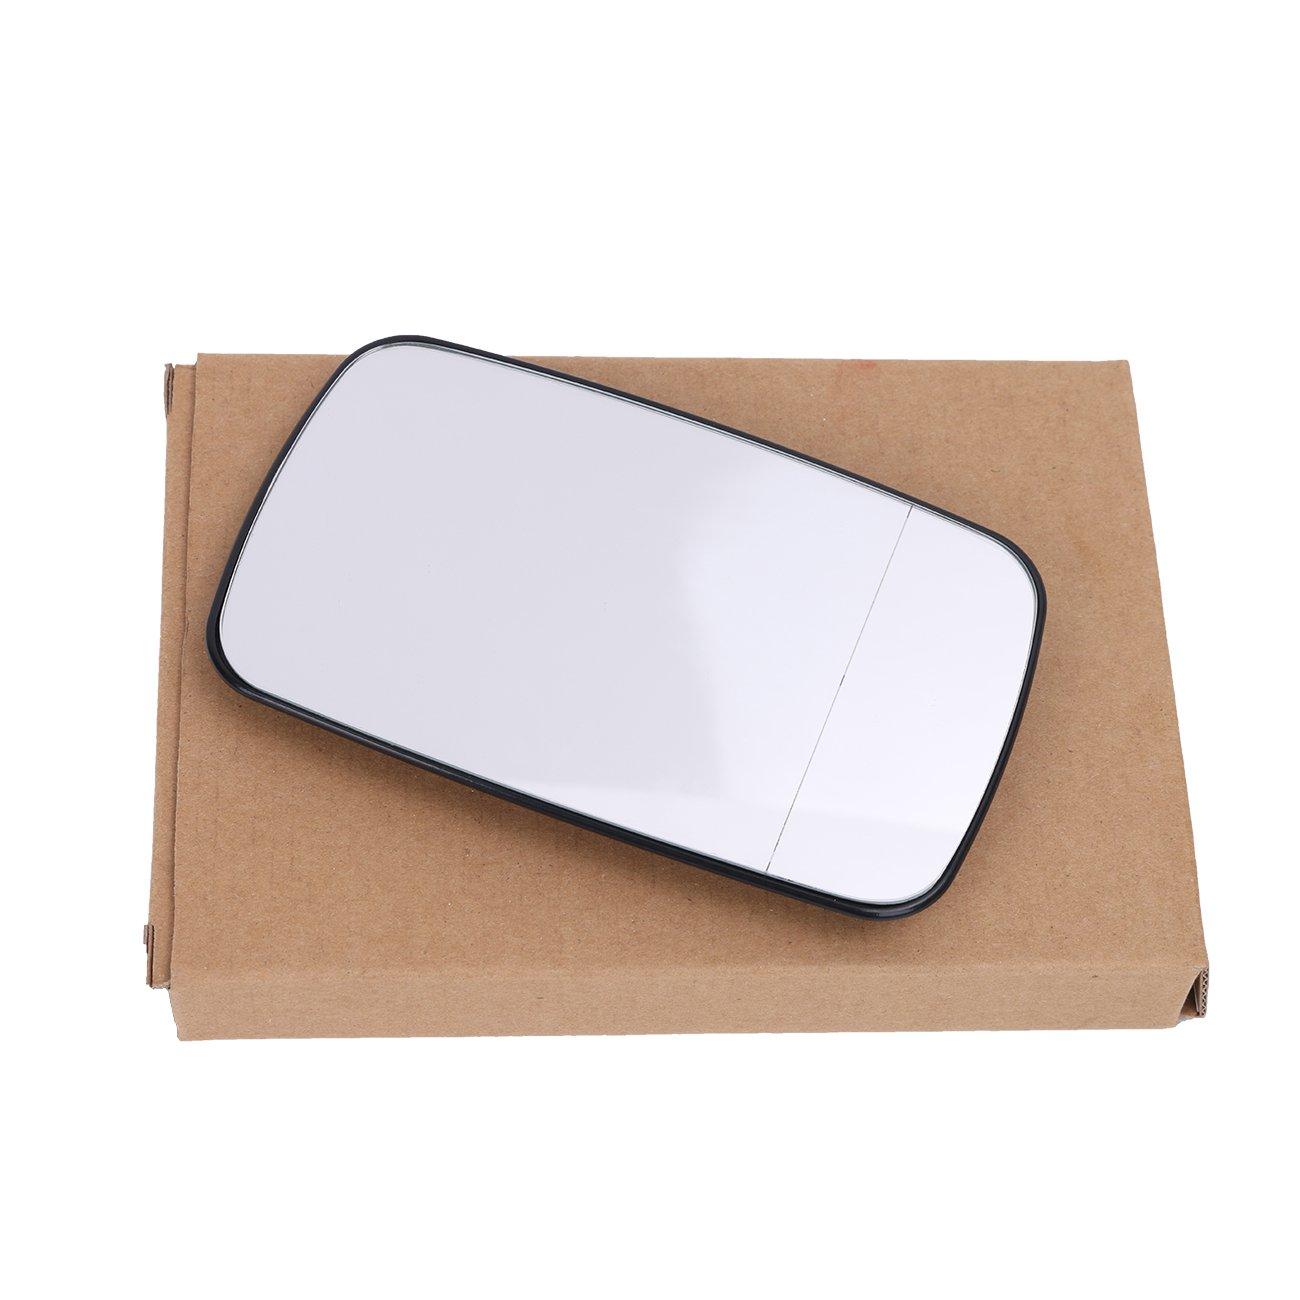 Espejo retrovisor izquierdo Lado derecho climatizada Cristal para E39//E46/323i 328i 525i 528i 540i